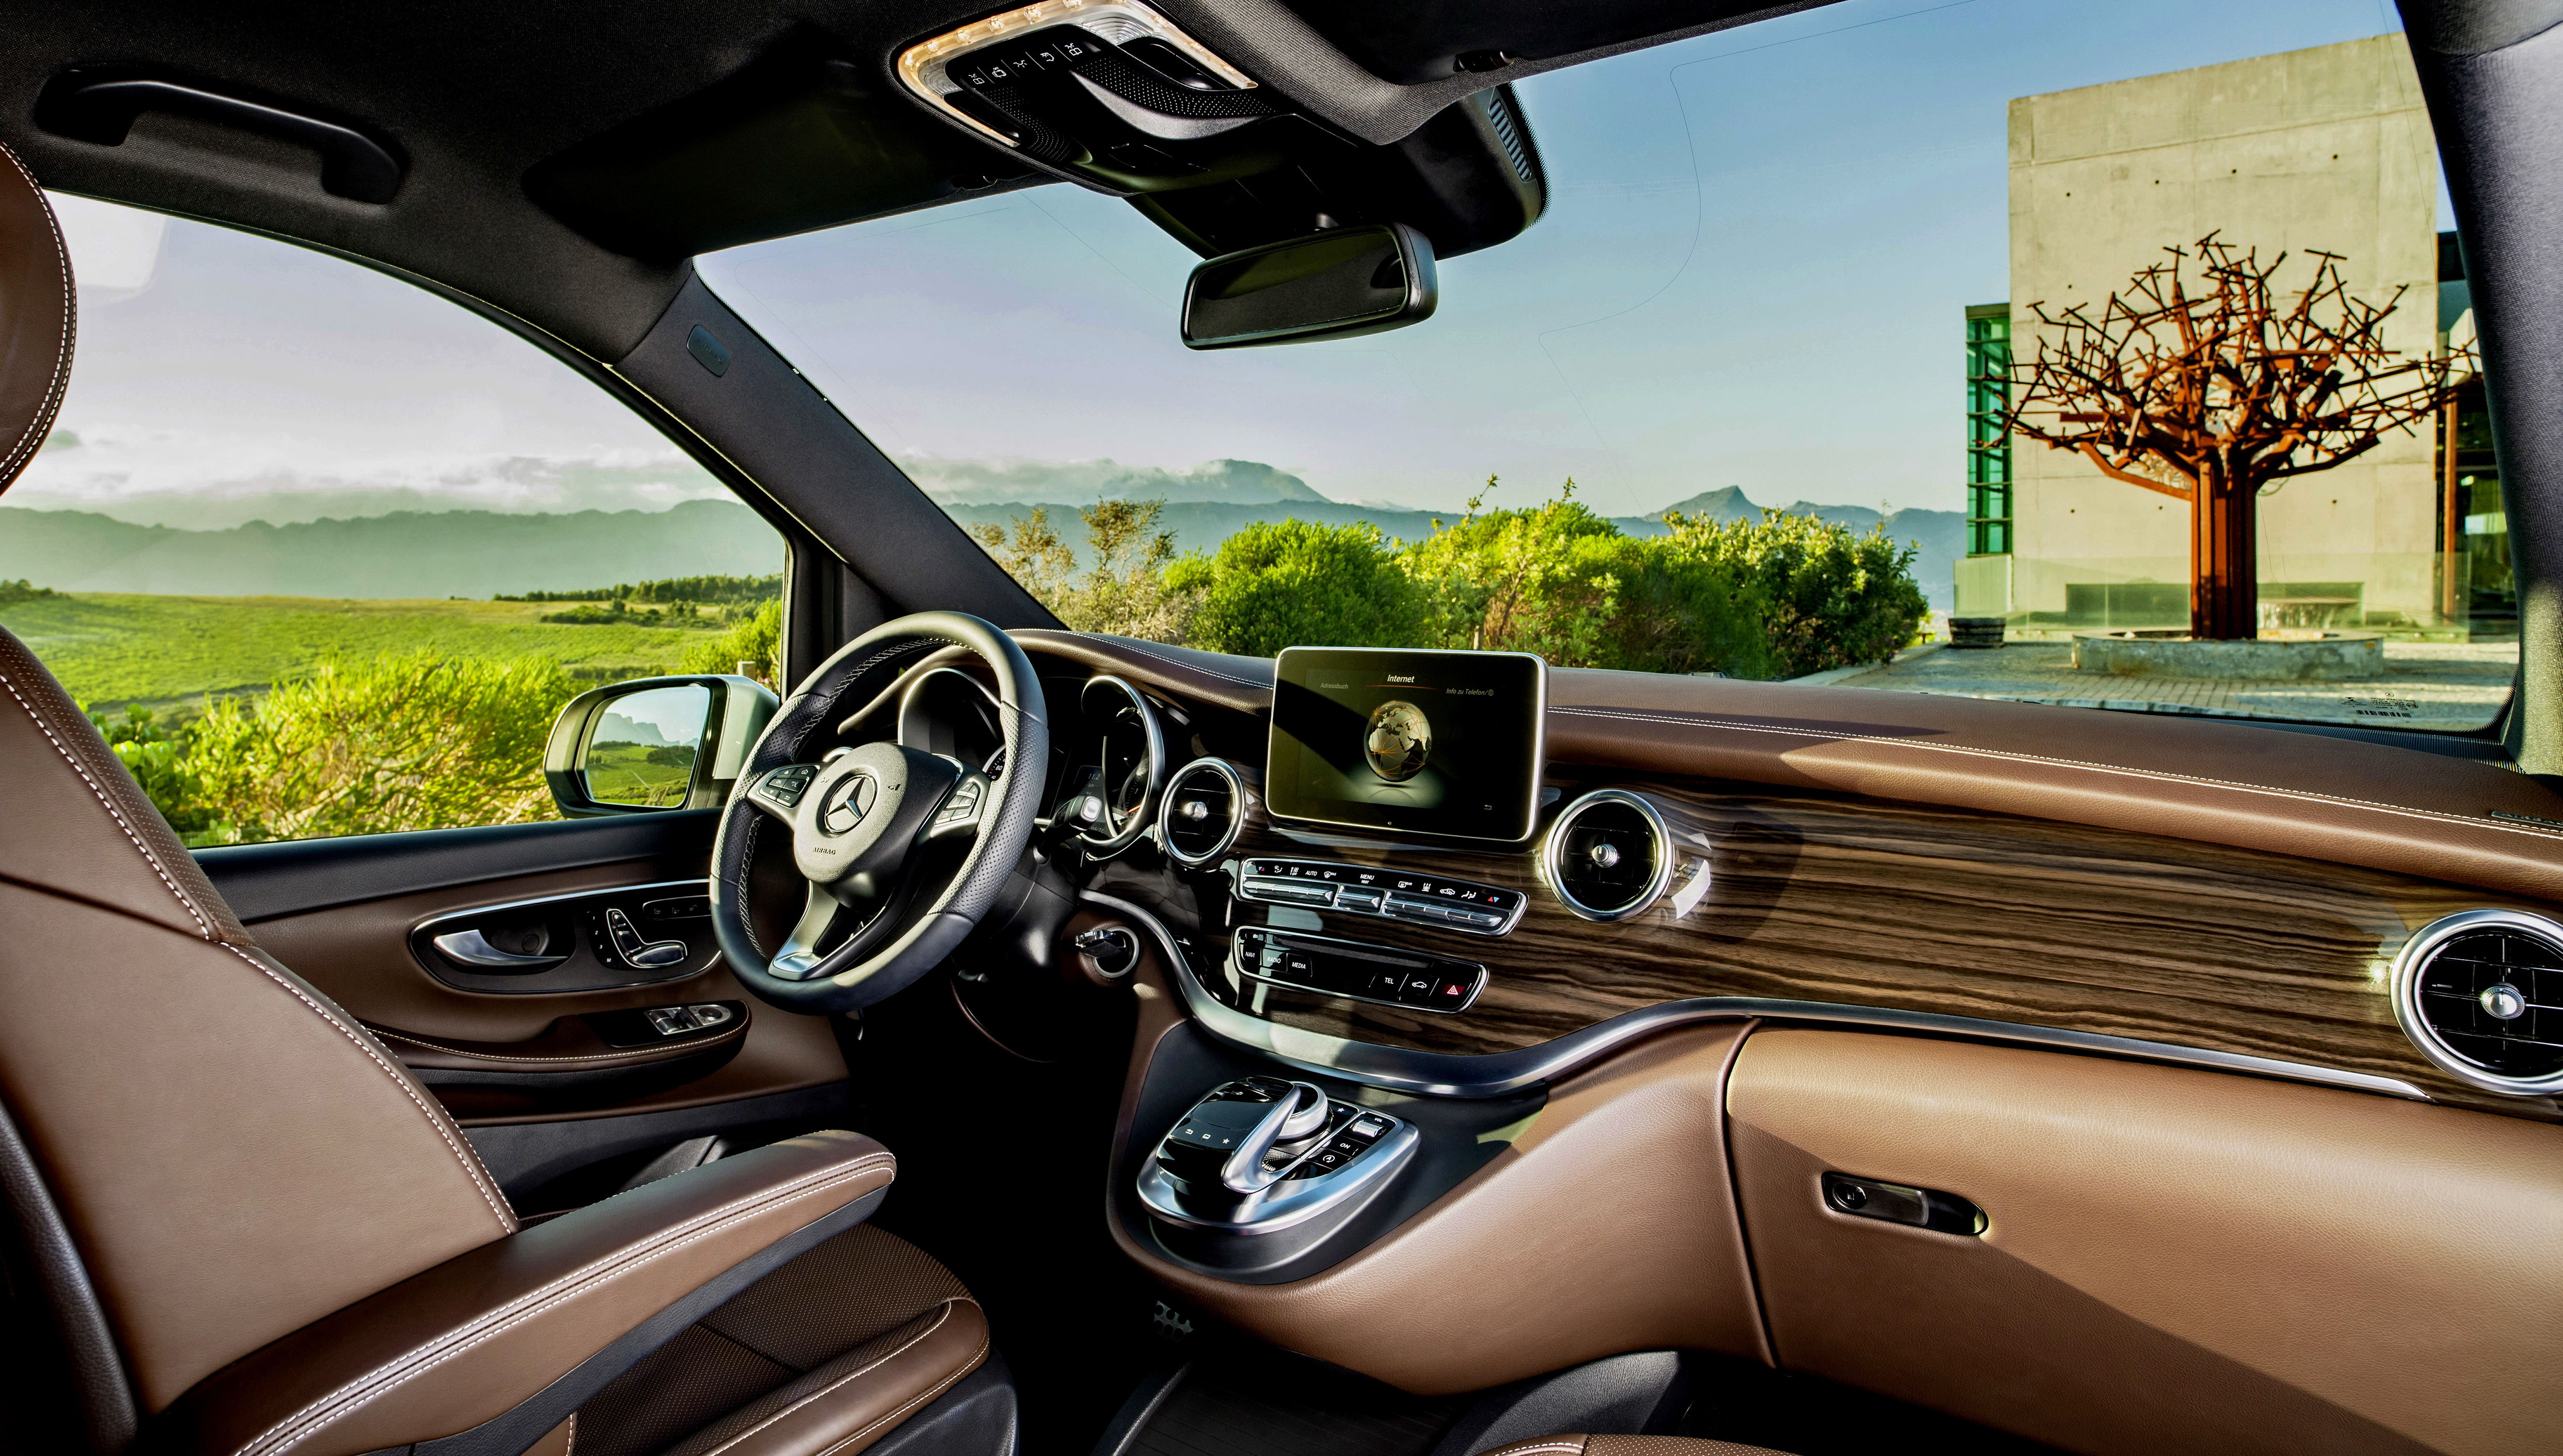 百變機能頂級商旅《Mercedes-Benz The new V-Class》精彩發表 給最多最好的豪華享受